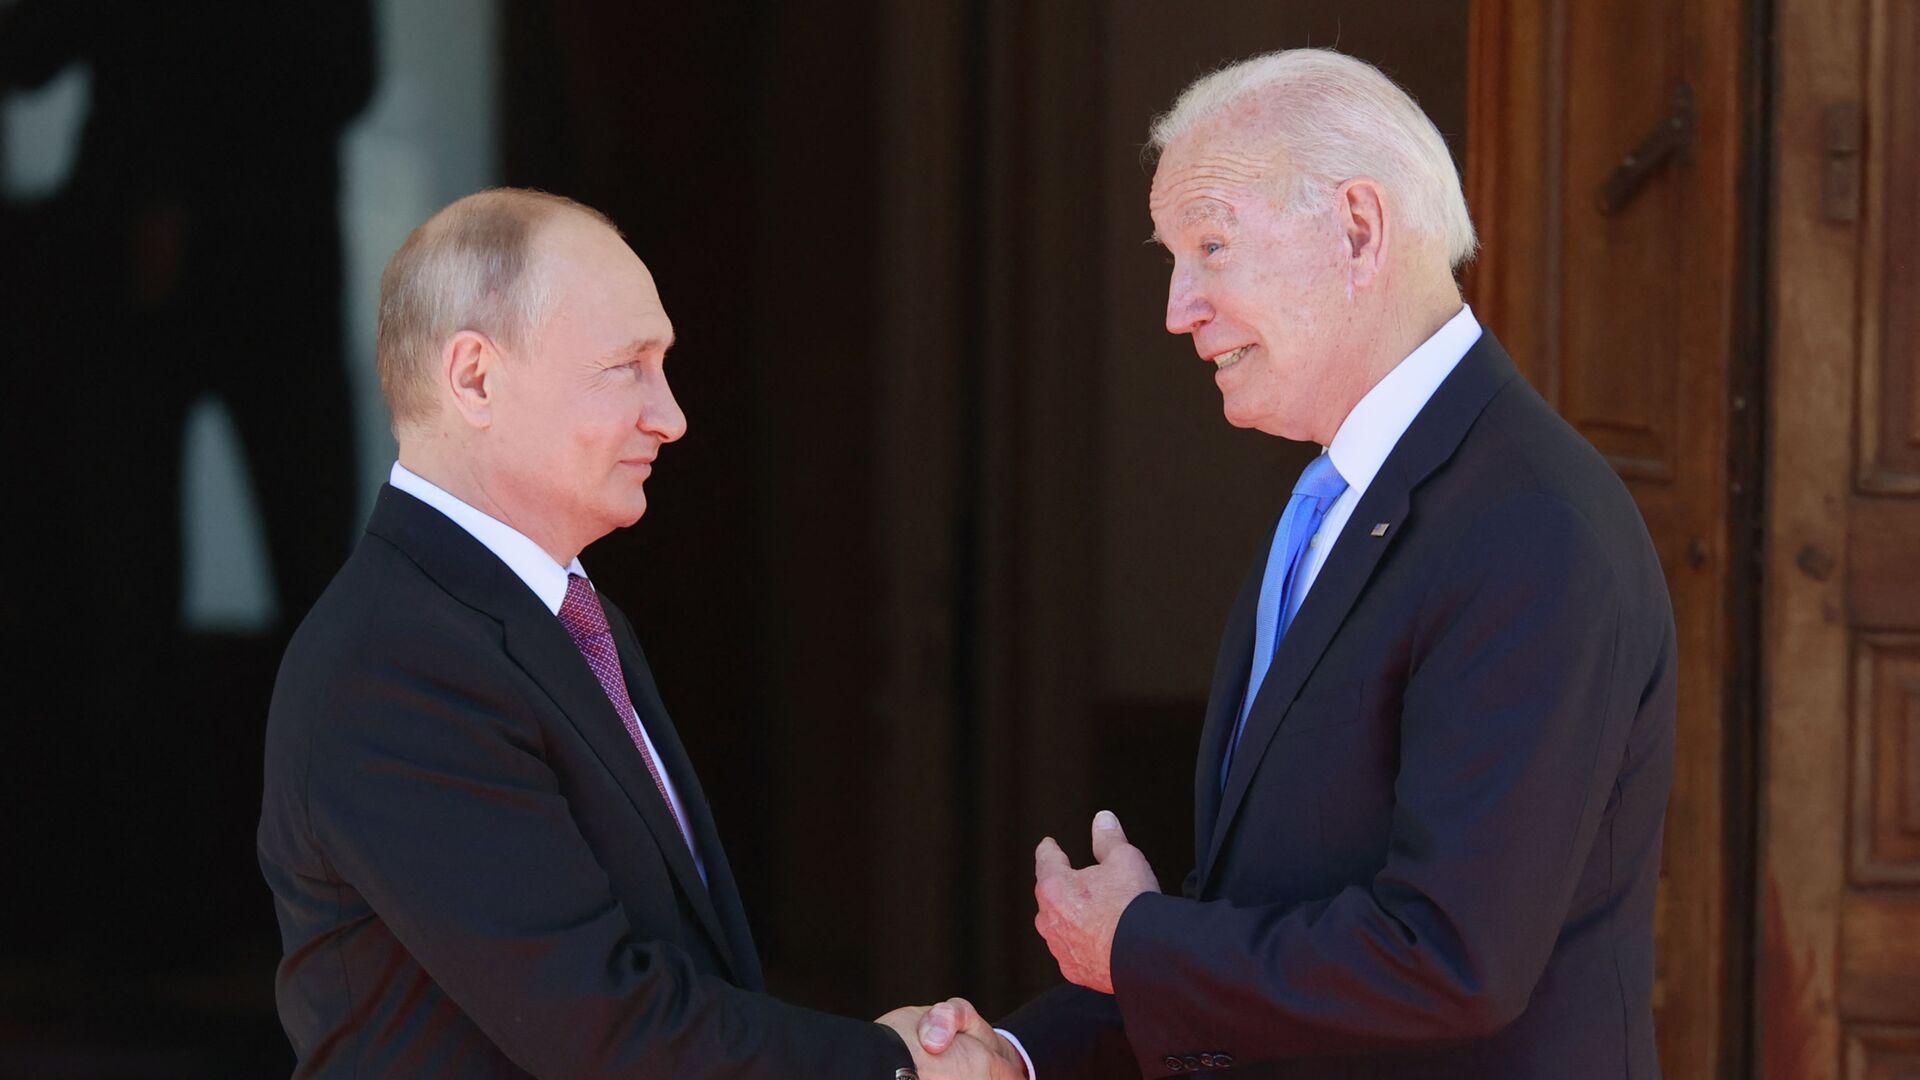 Ruský prezident Vladimir Putin na jednáních s americkým prezidentem Joe Bidenem v Ženevě - Sputnik Česká republika, 1920, 17.06.2021